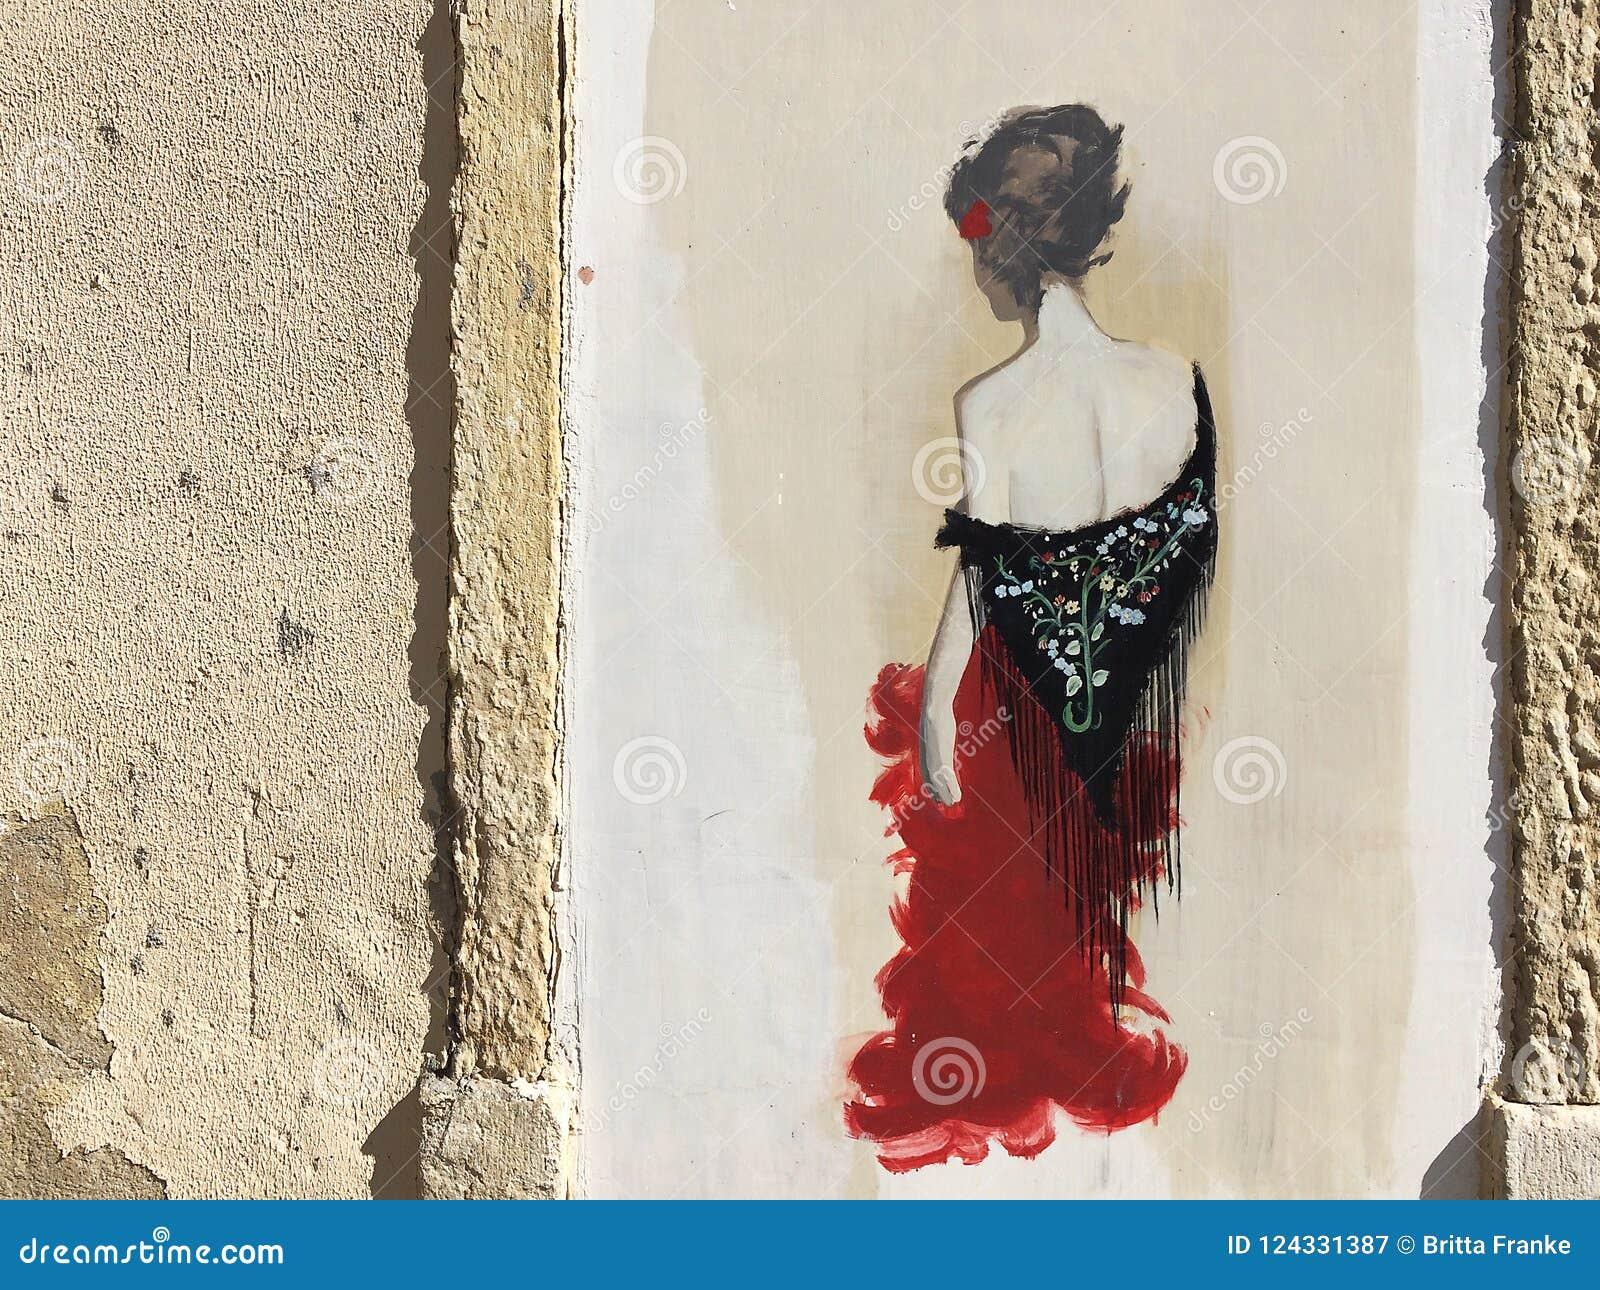 Graffiti einer Fadofrau in den Straßen von Lissabon